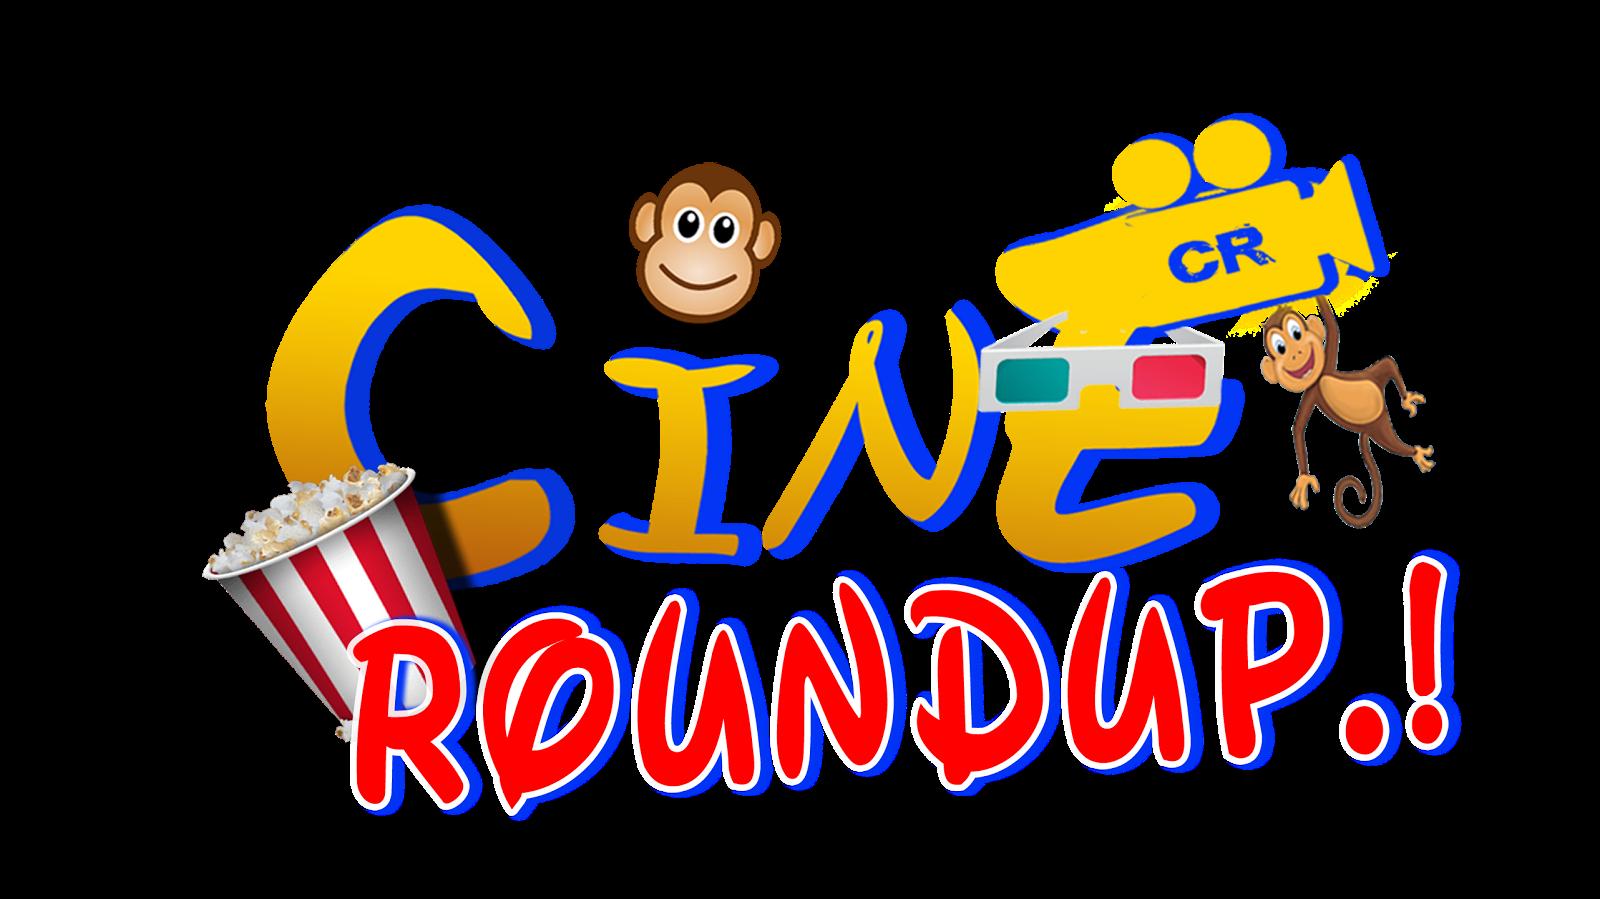 Cine Roundup